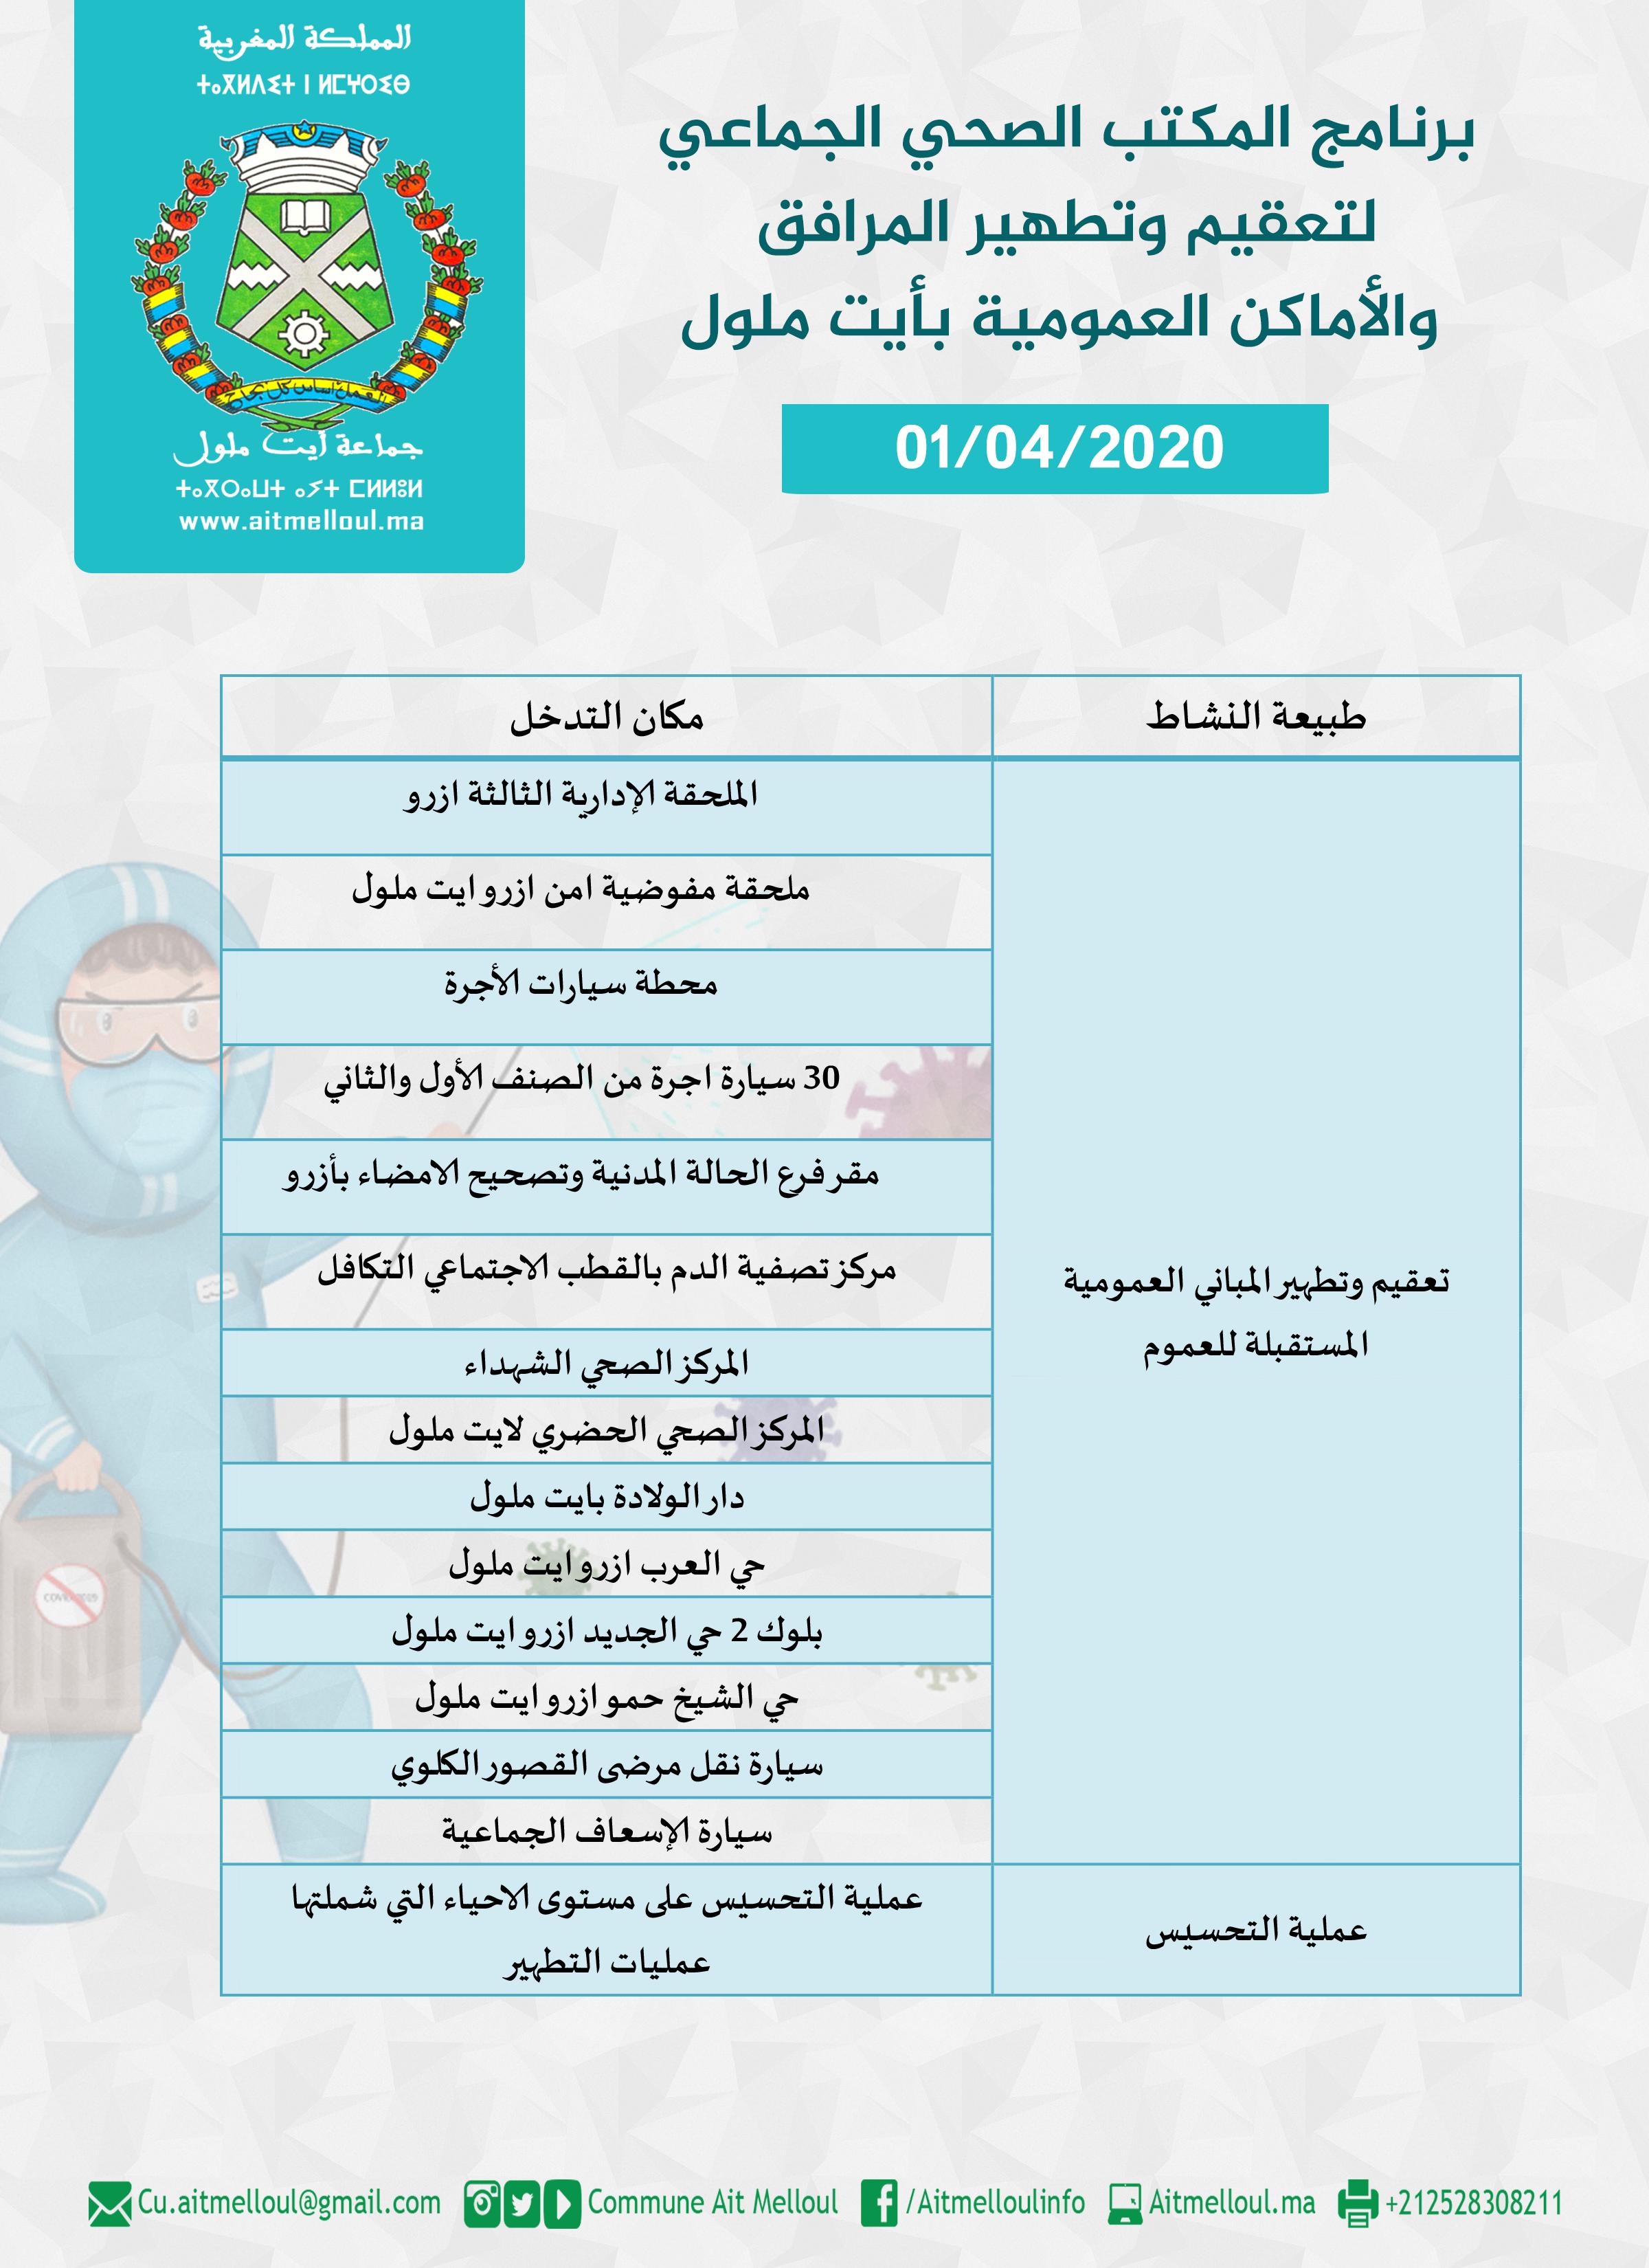 برنامج جماعة أيت ملول لتعقيم وتطهير المرافق  والأماكن العمومية بأيت ملول من 01 إل 05 أبريل 2020